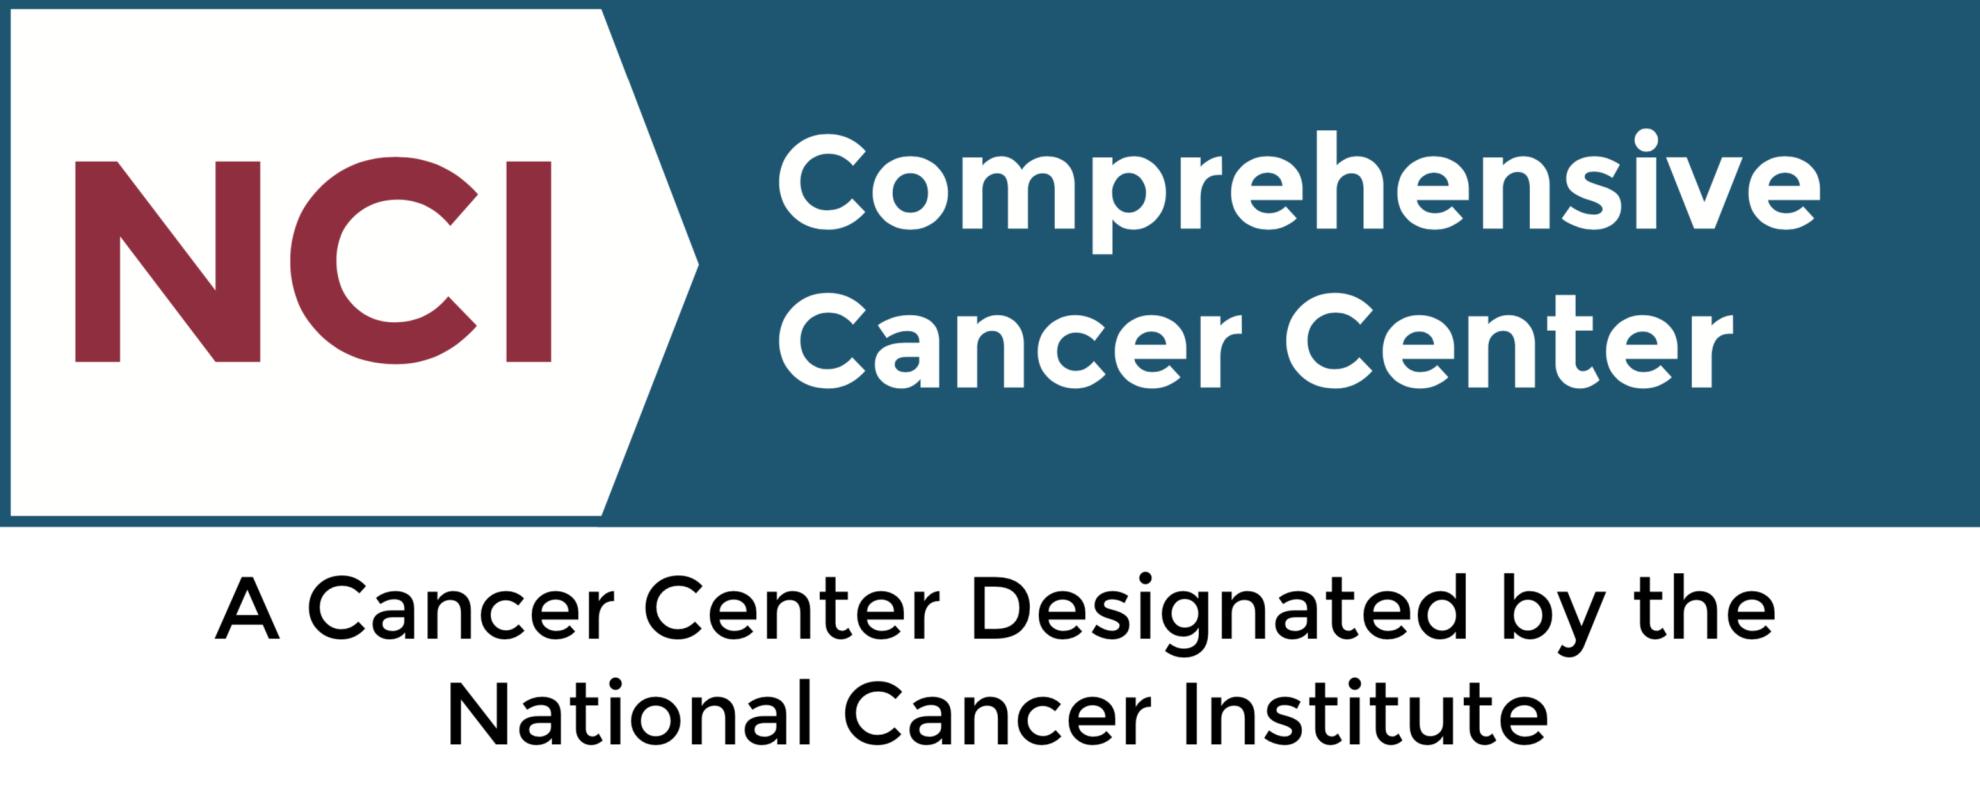 National Cancer Institute Comprehensive Cancer Center logo